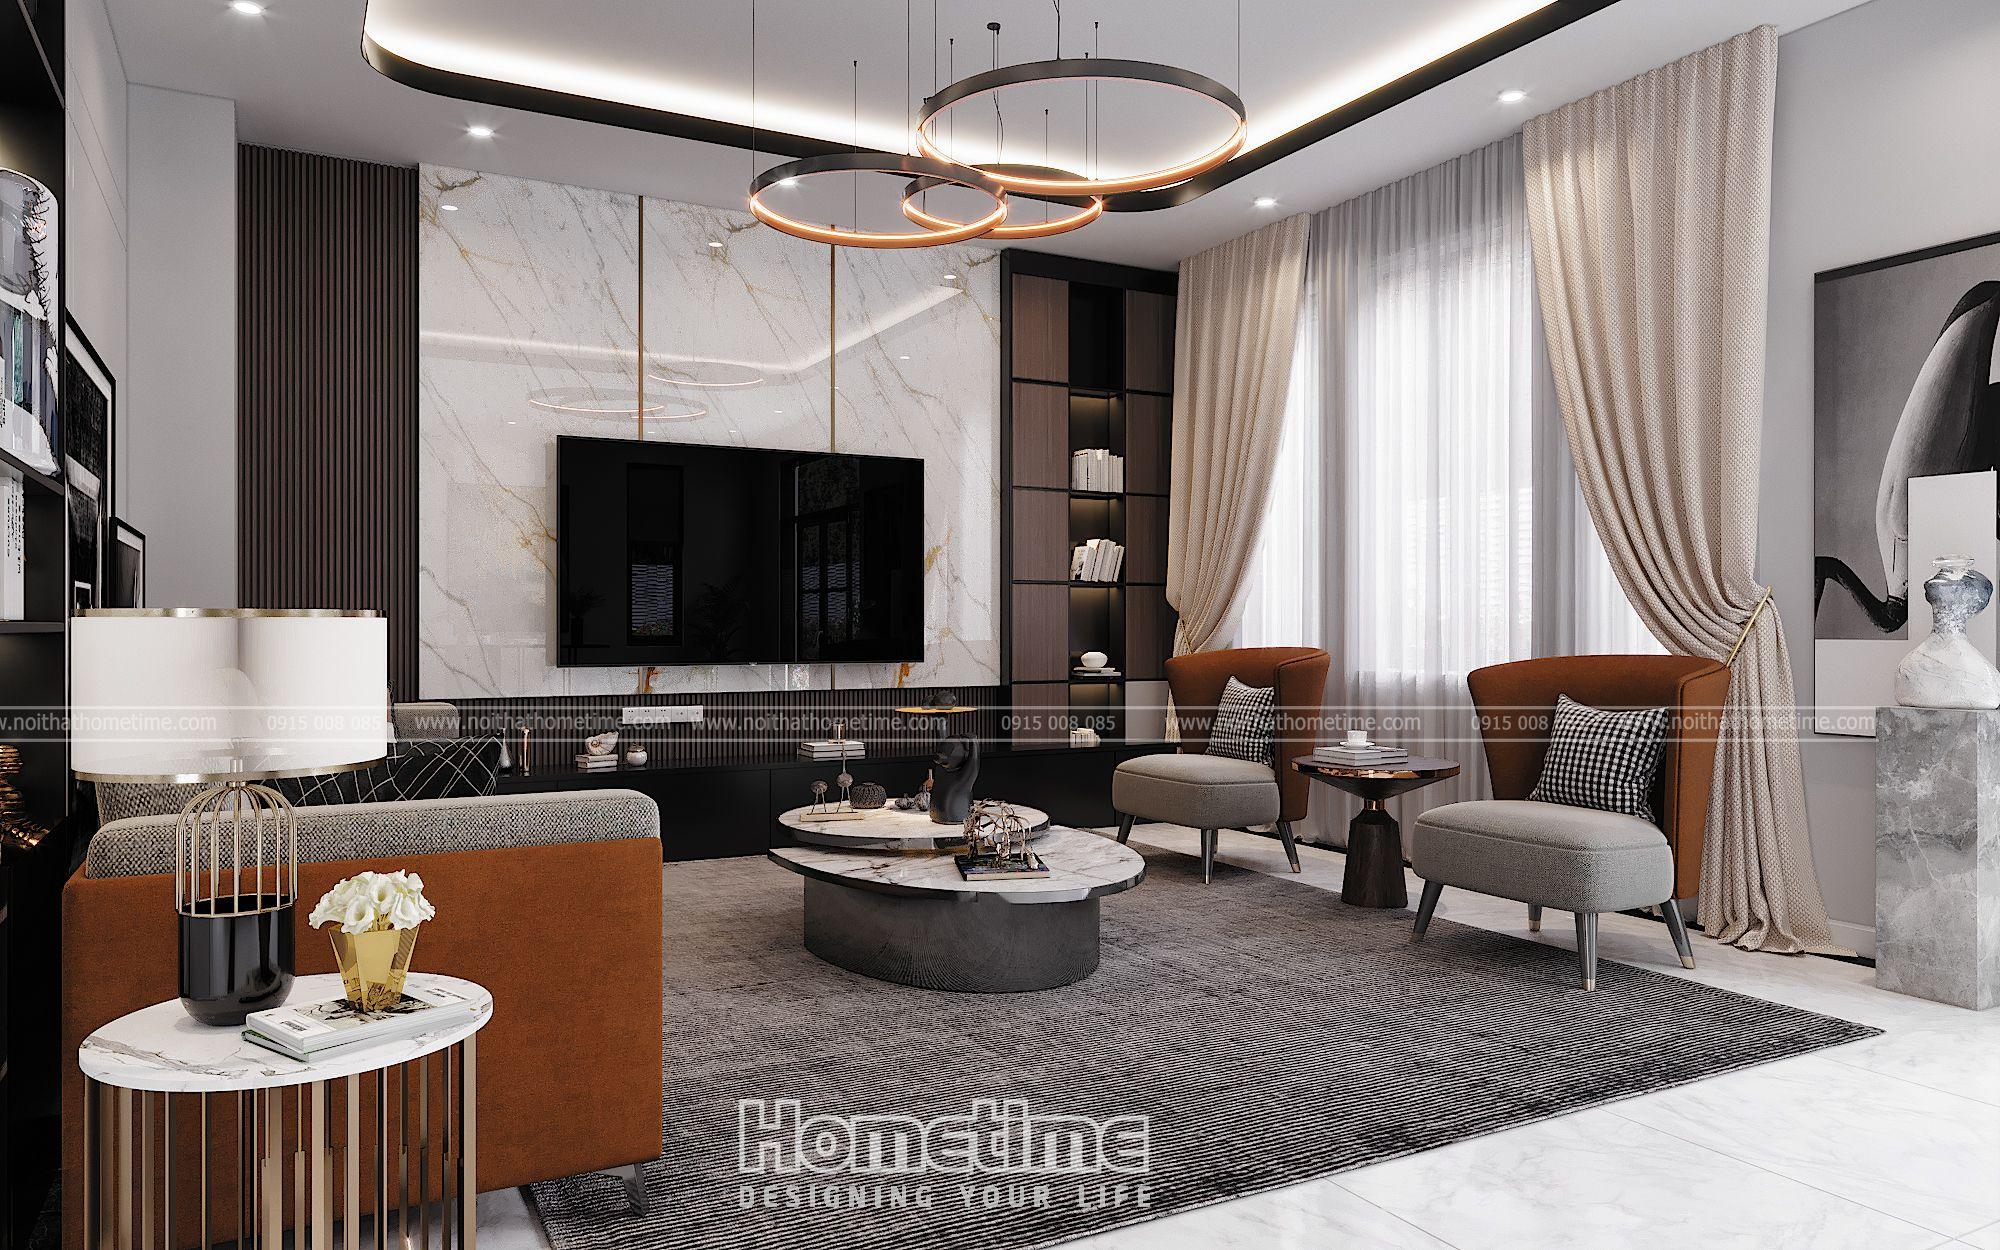 Không gian vẫn là yếu tố quan trọng khi thiết kế nội thất